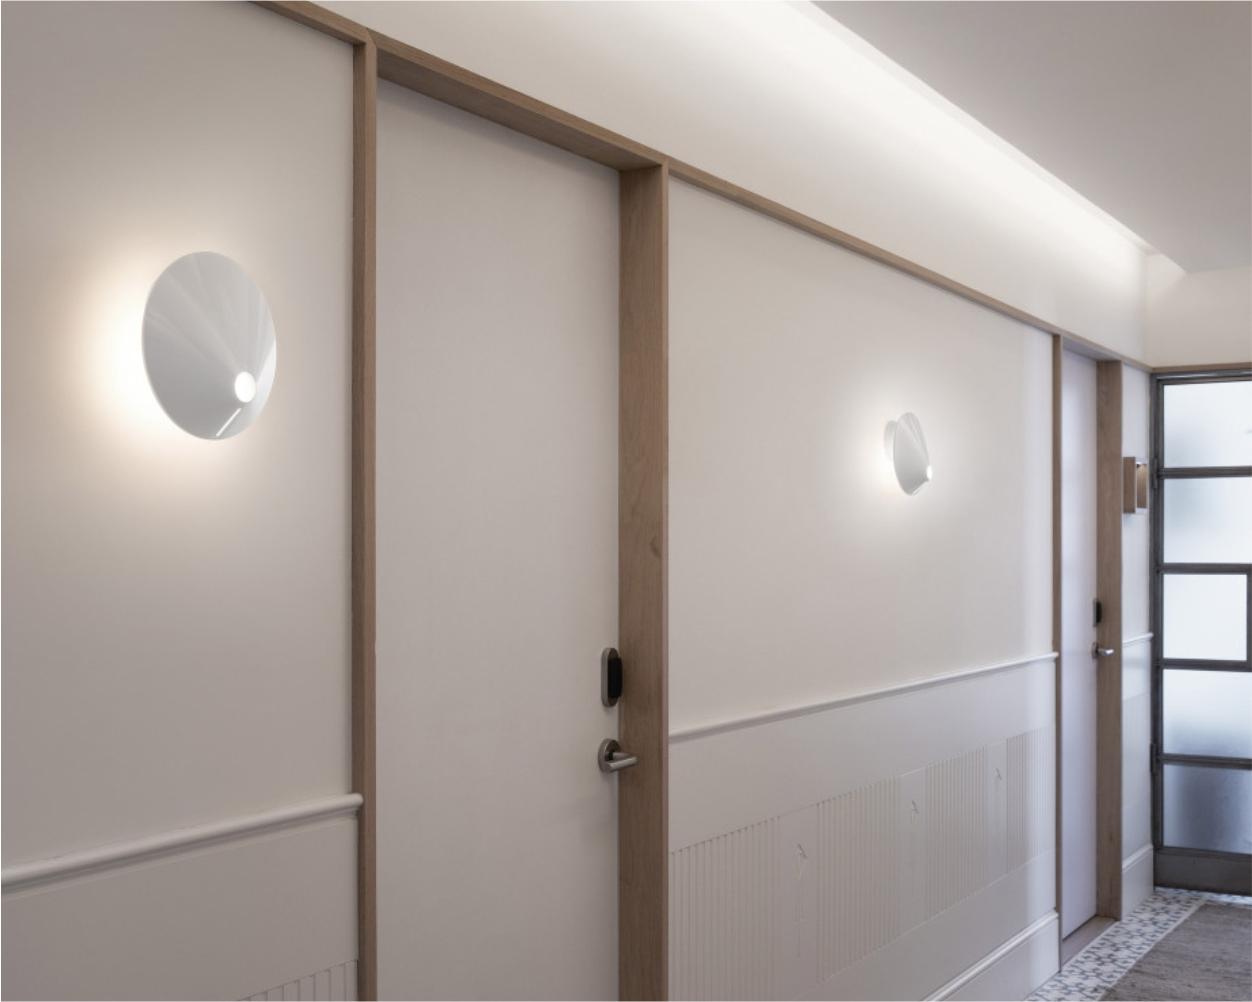 Lămpi cu fixare în perete pentru iluminat interior